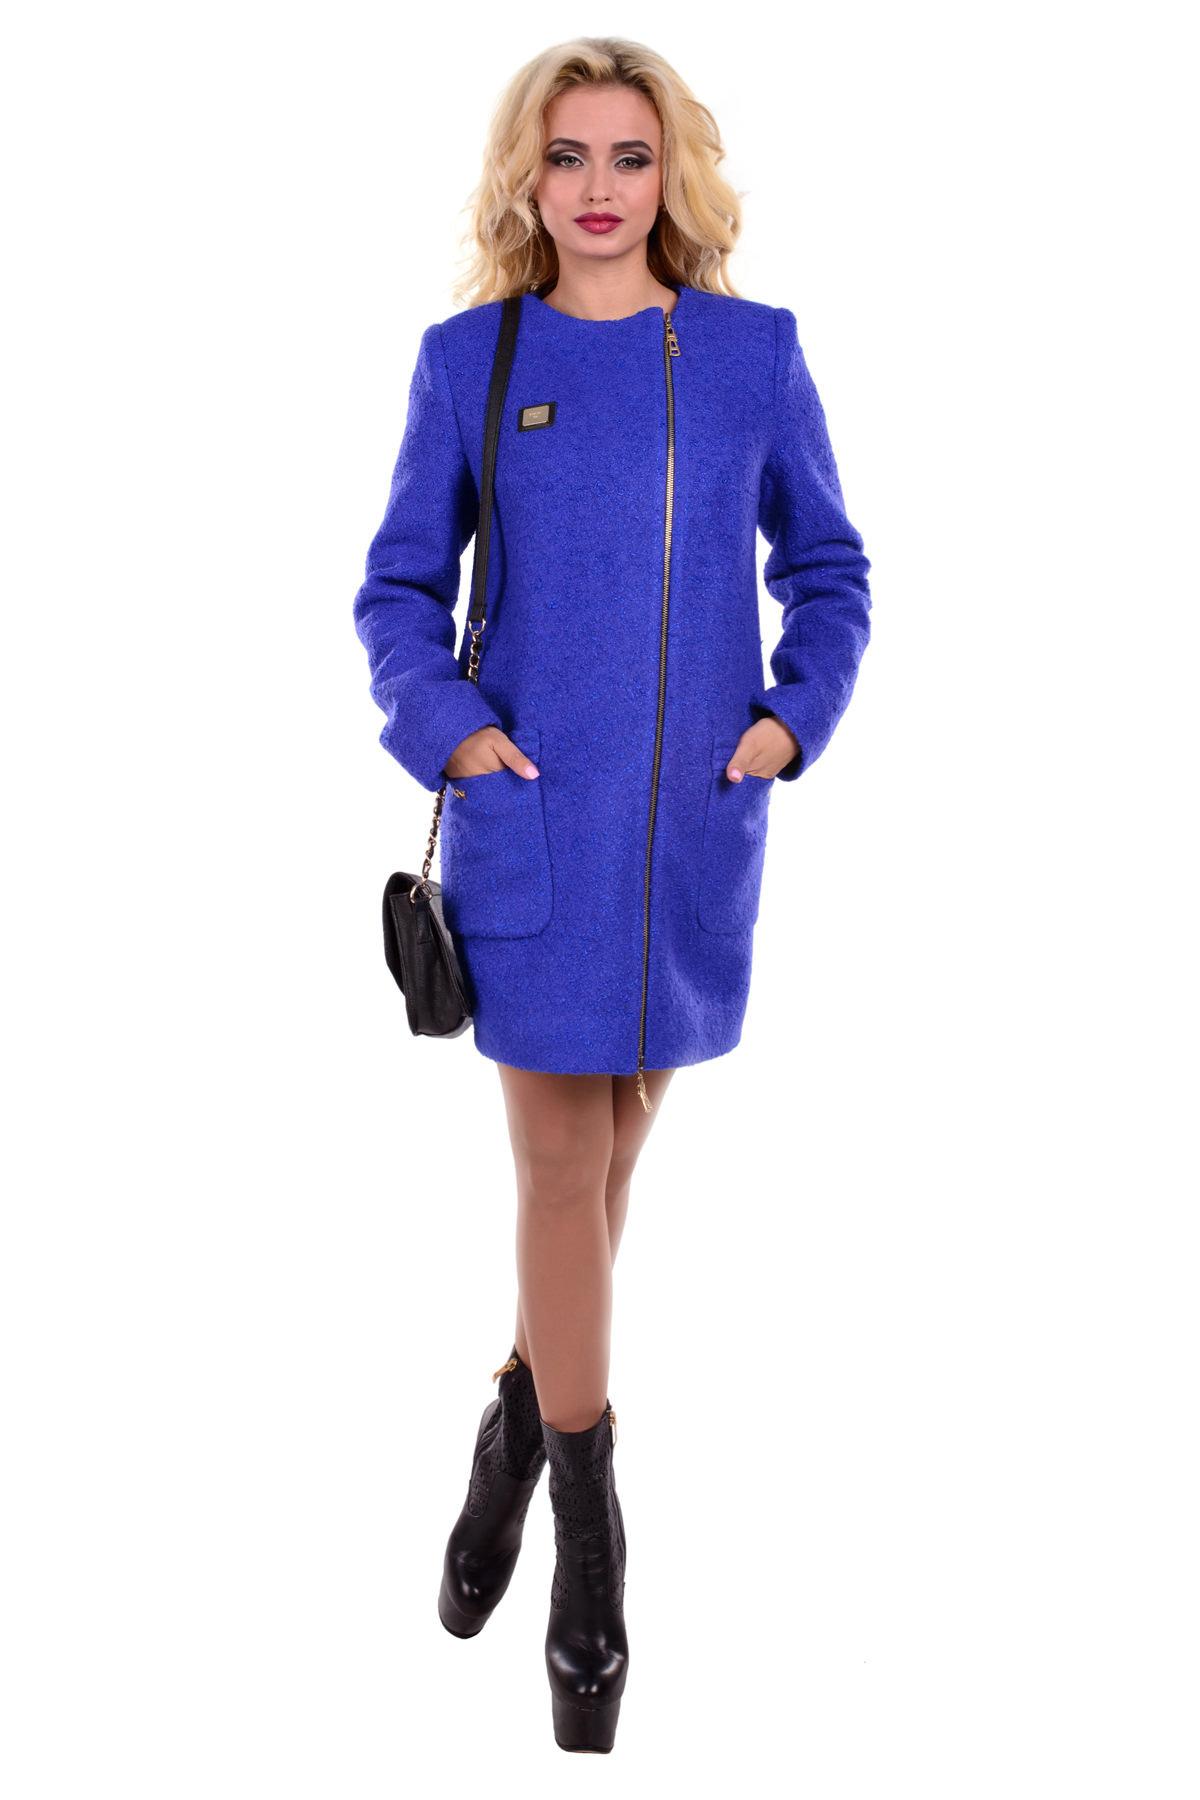 Купить пальто оптом Украина Пальто Милтон букле кр